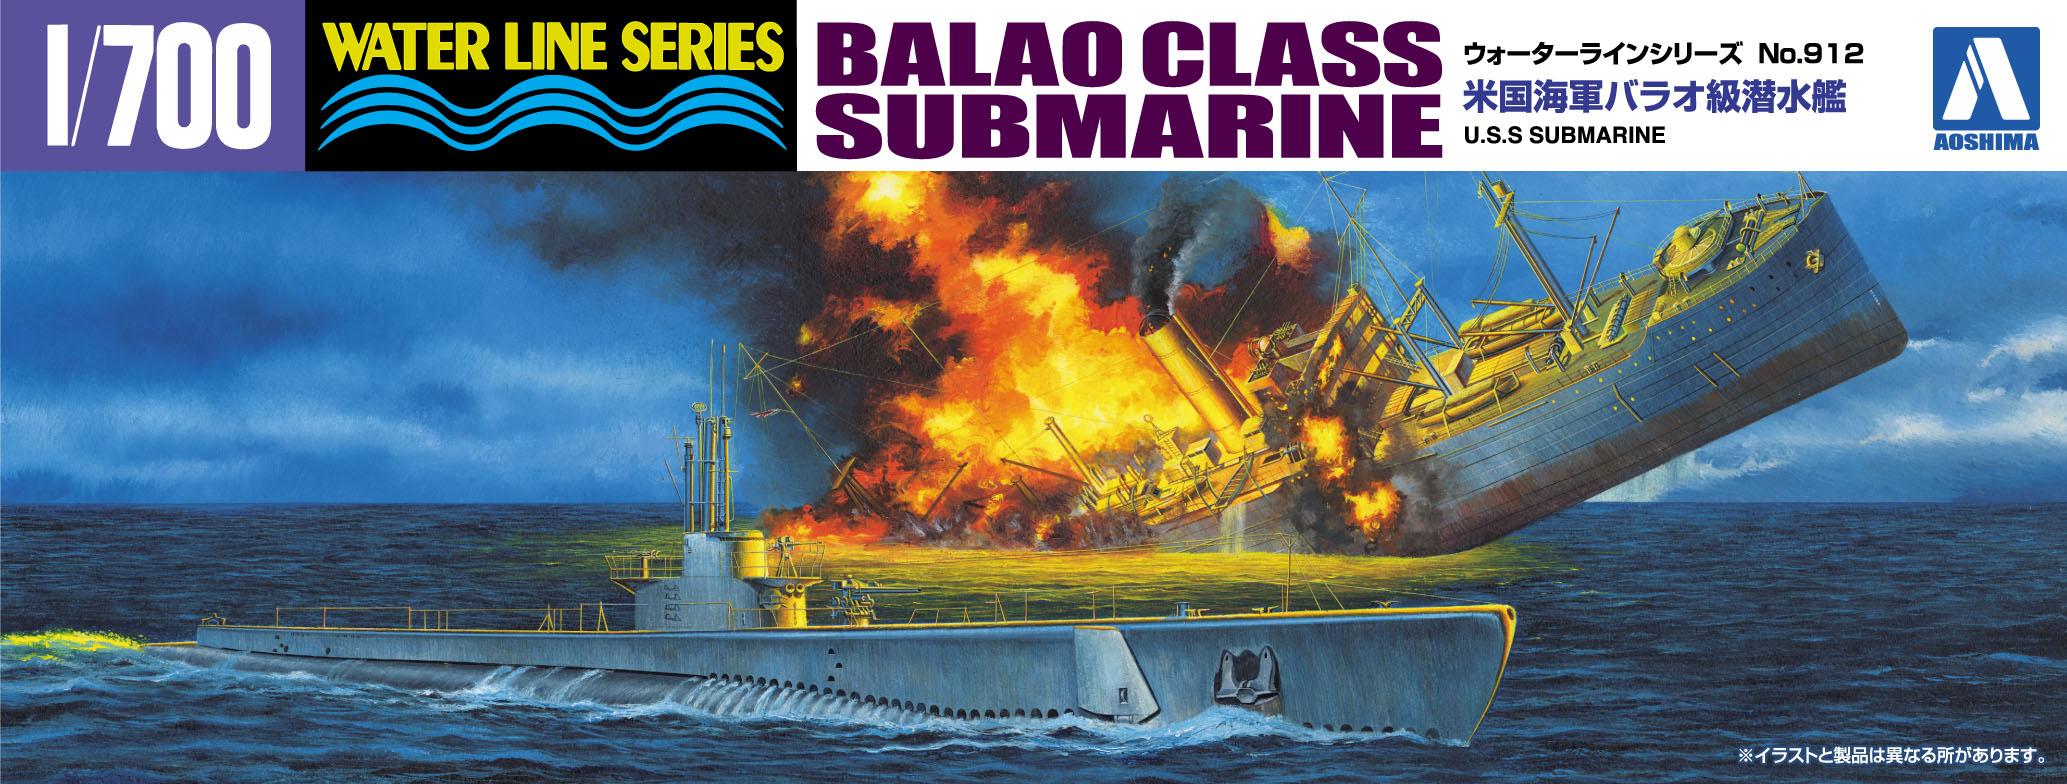 Aoshima 1/700 US NAVY BALAO CLASS SUBMARINE